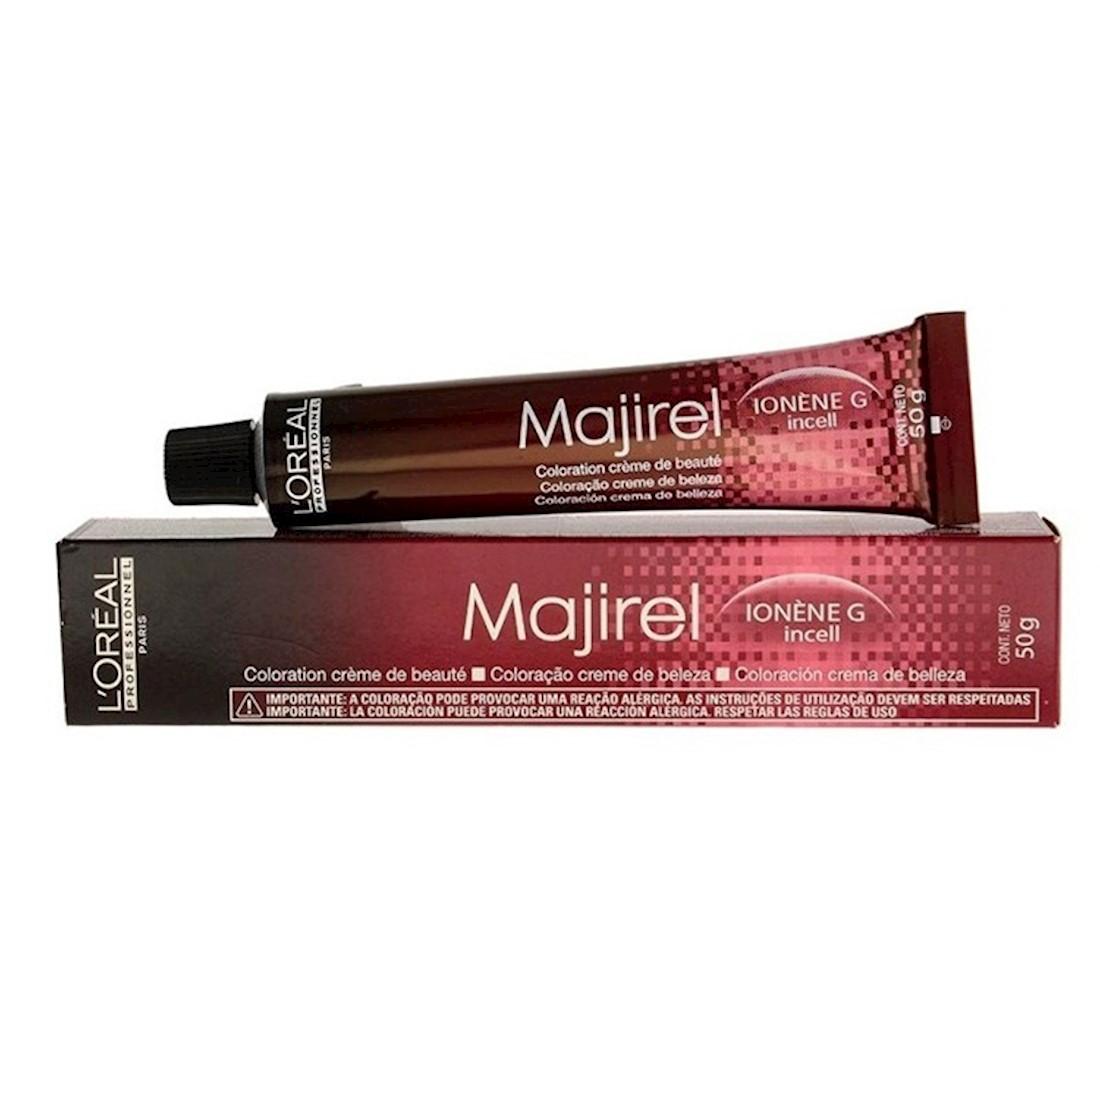 Coloração Majirel 8,2 (Louro claro Irisado) da L'Oreal  50g